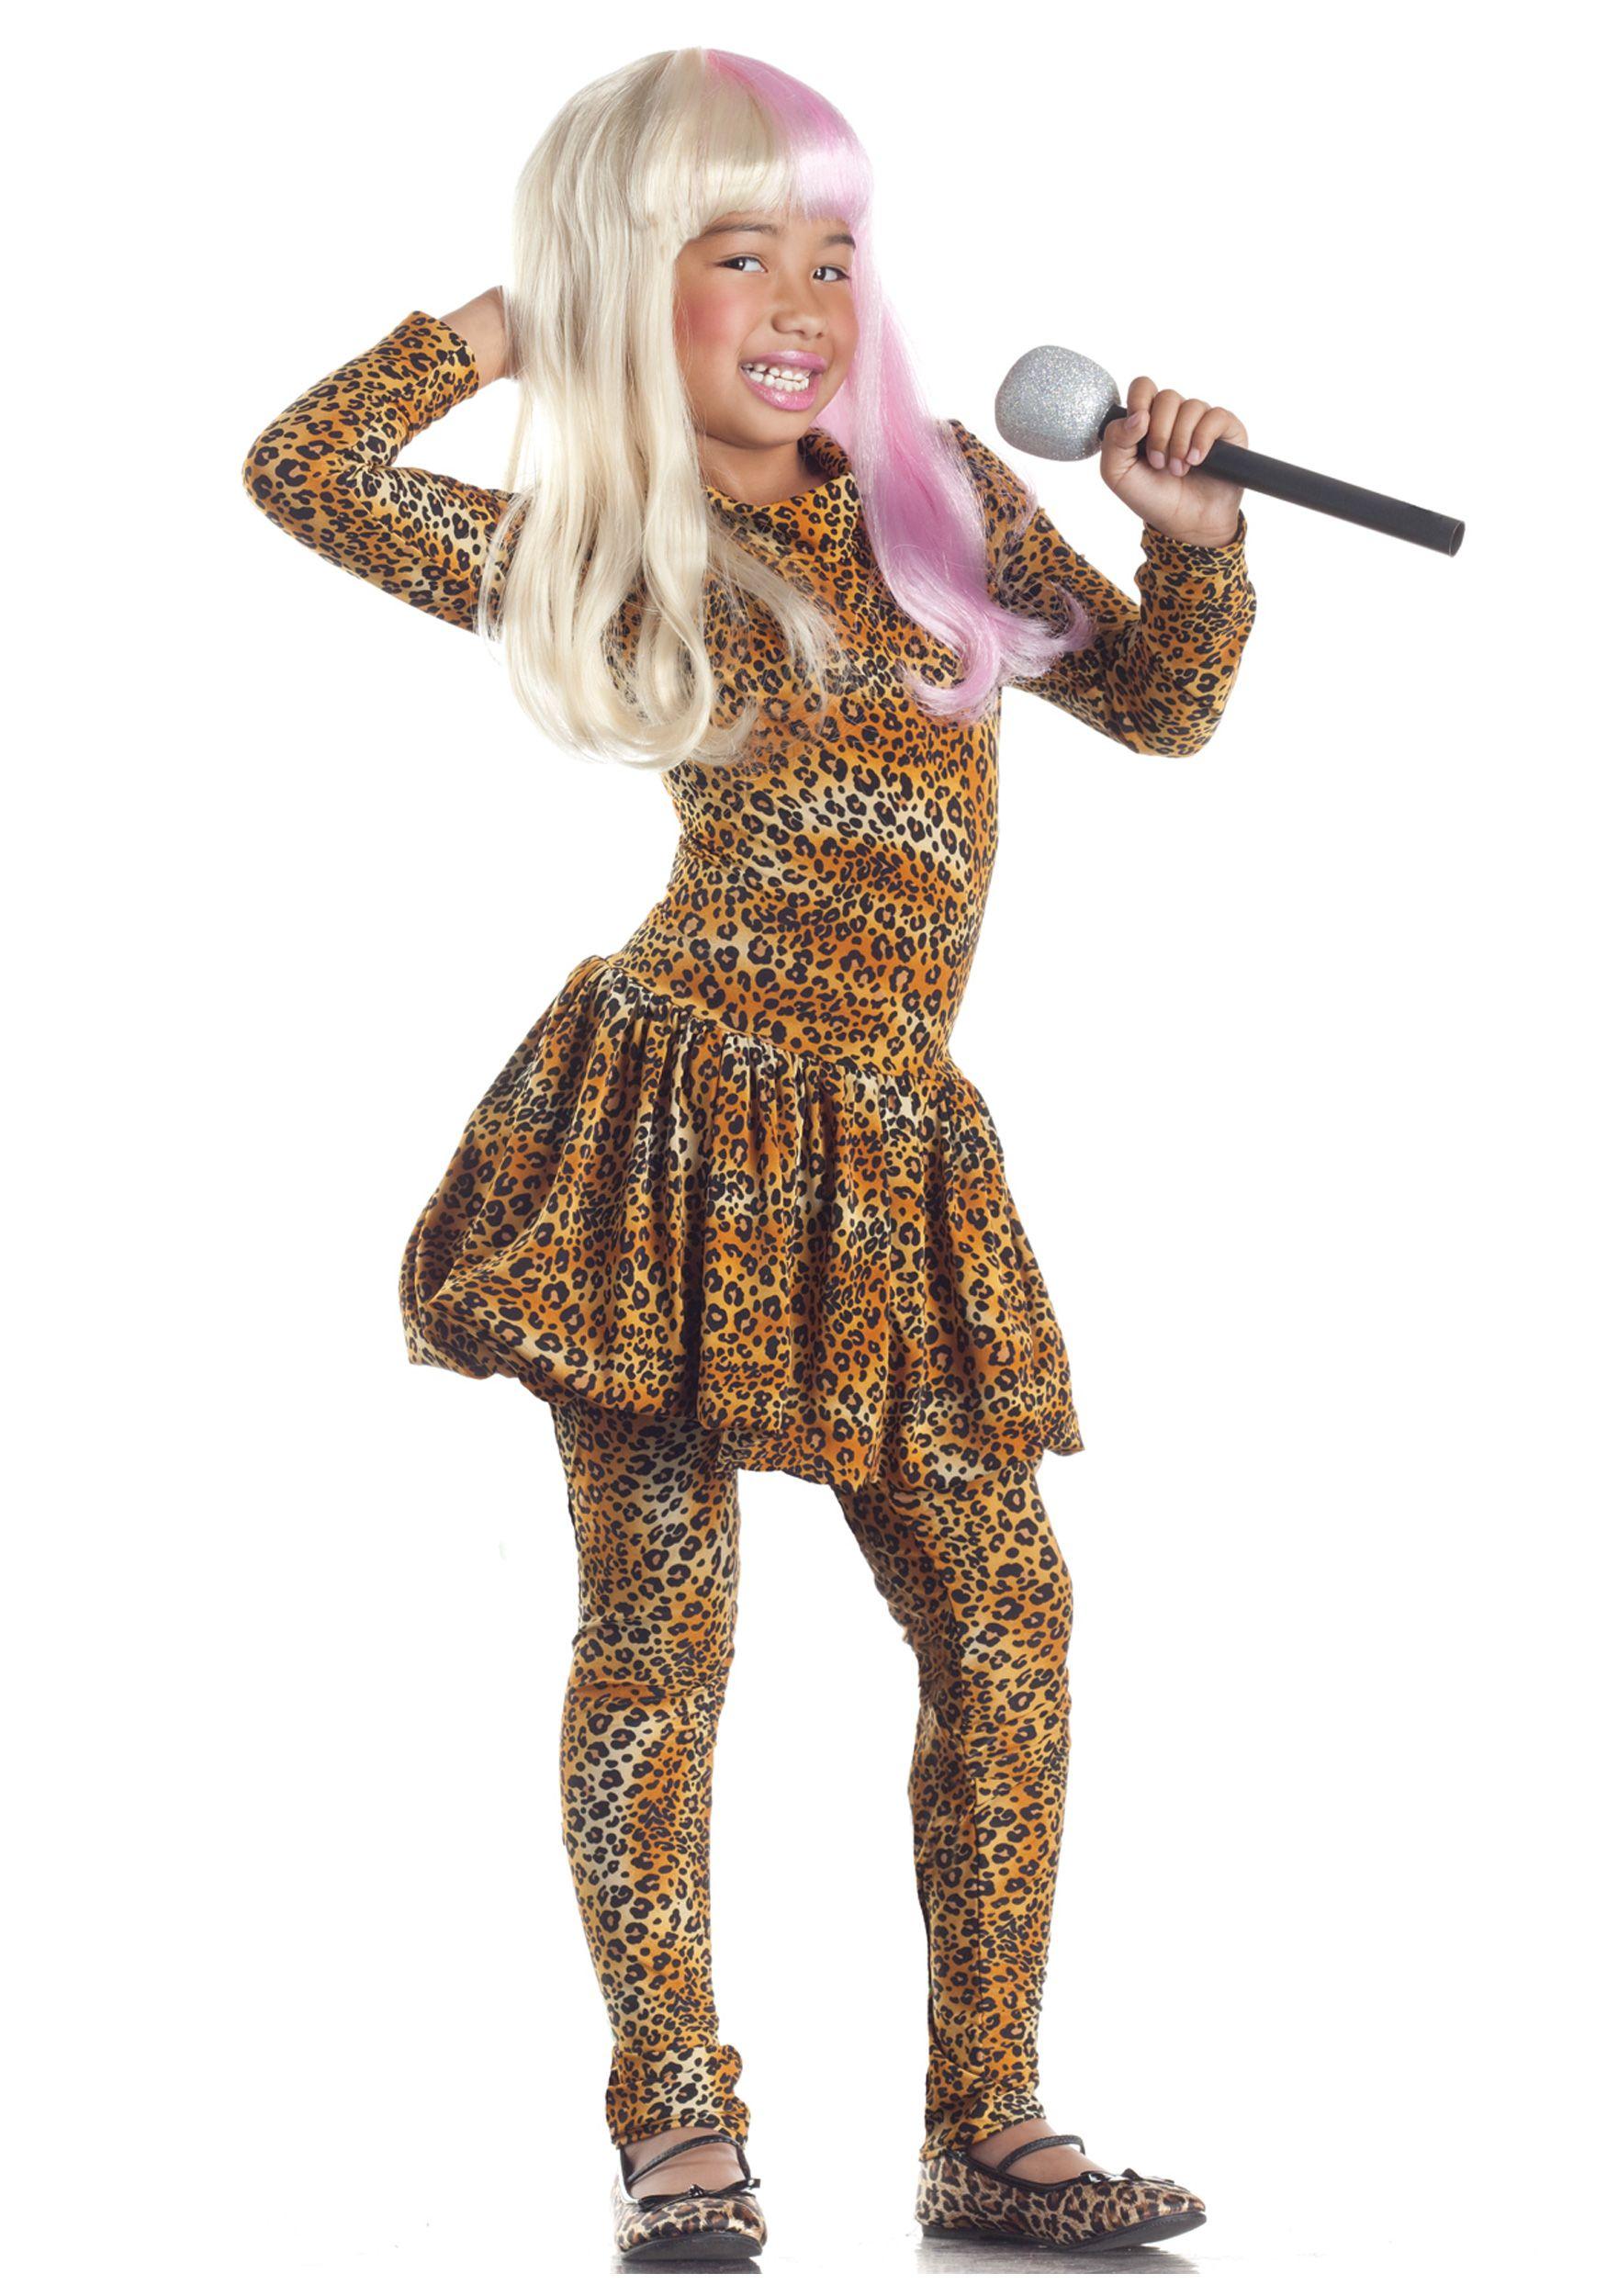 This costume has inspired Kamri to dress up as Nicki Minaj